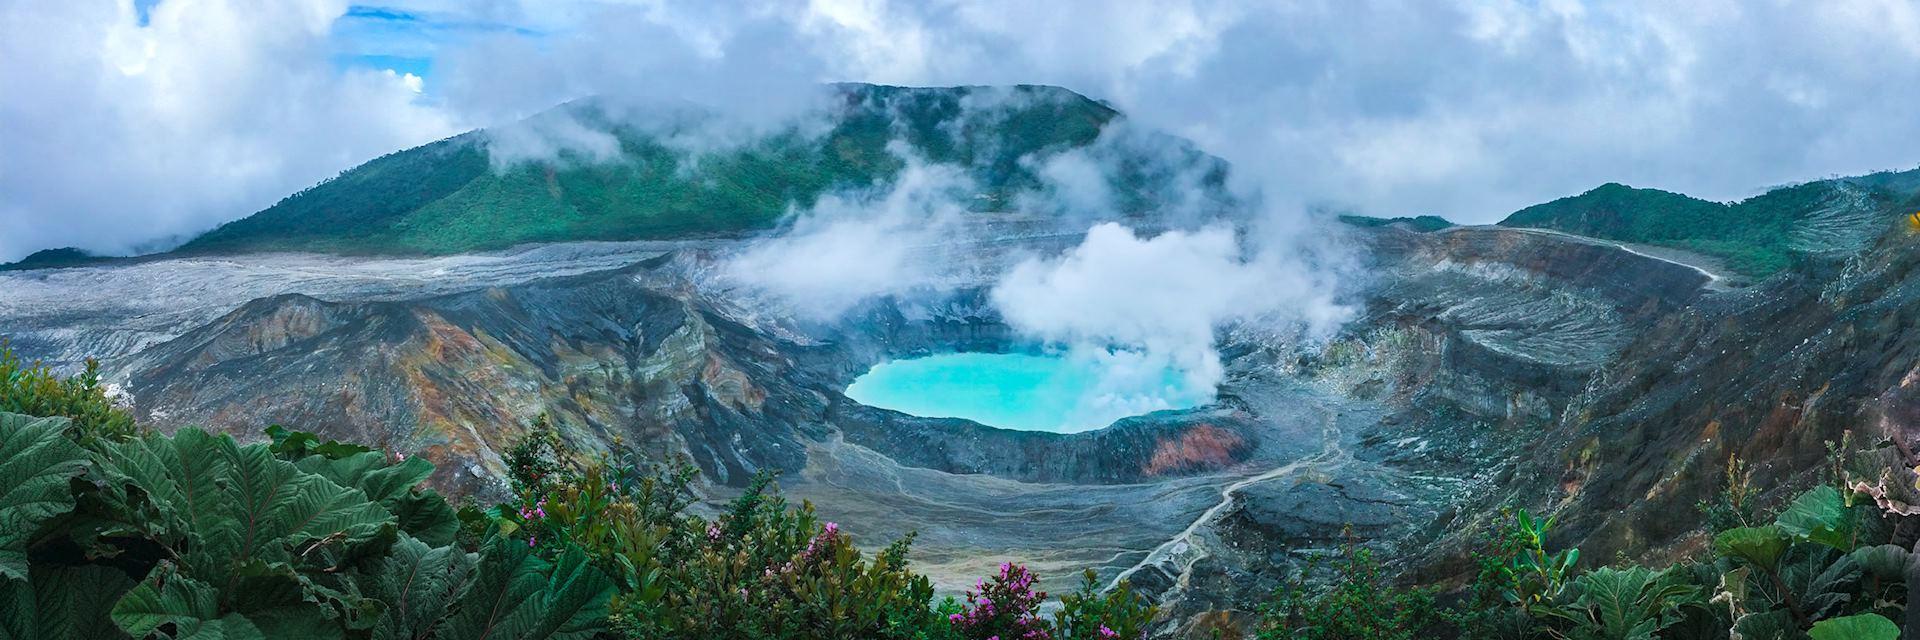 Poas Volcano in central Costa Rica